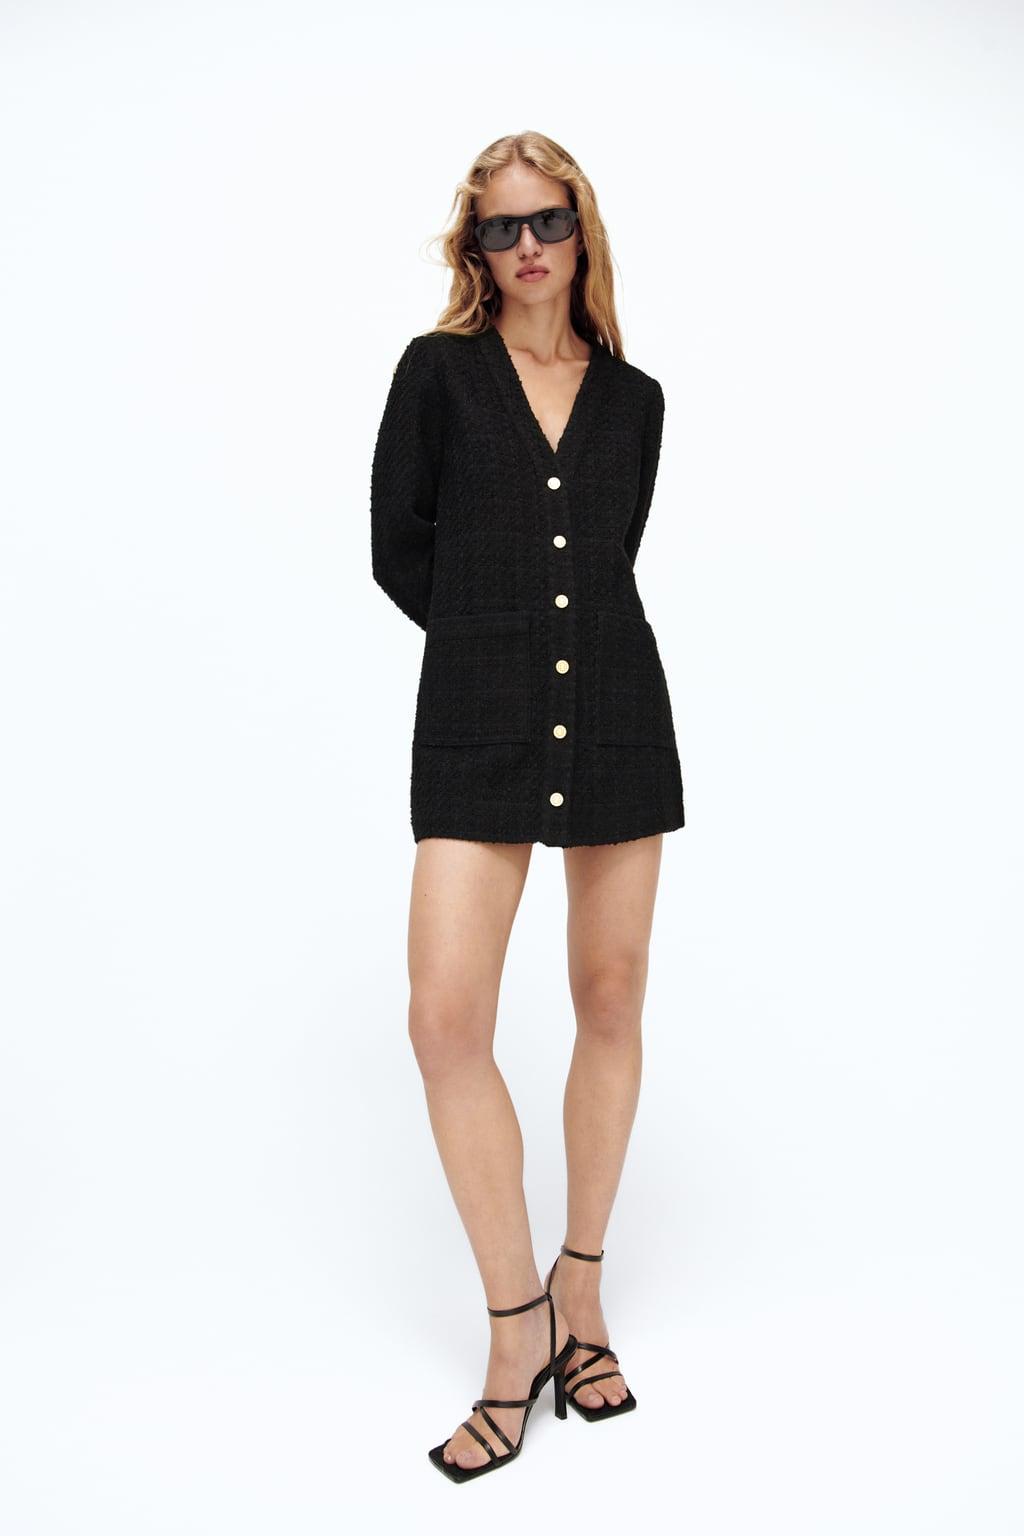 Zara Cardigan Dress